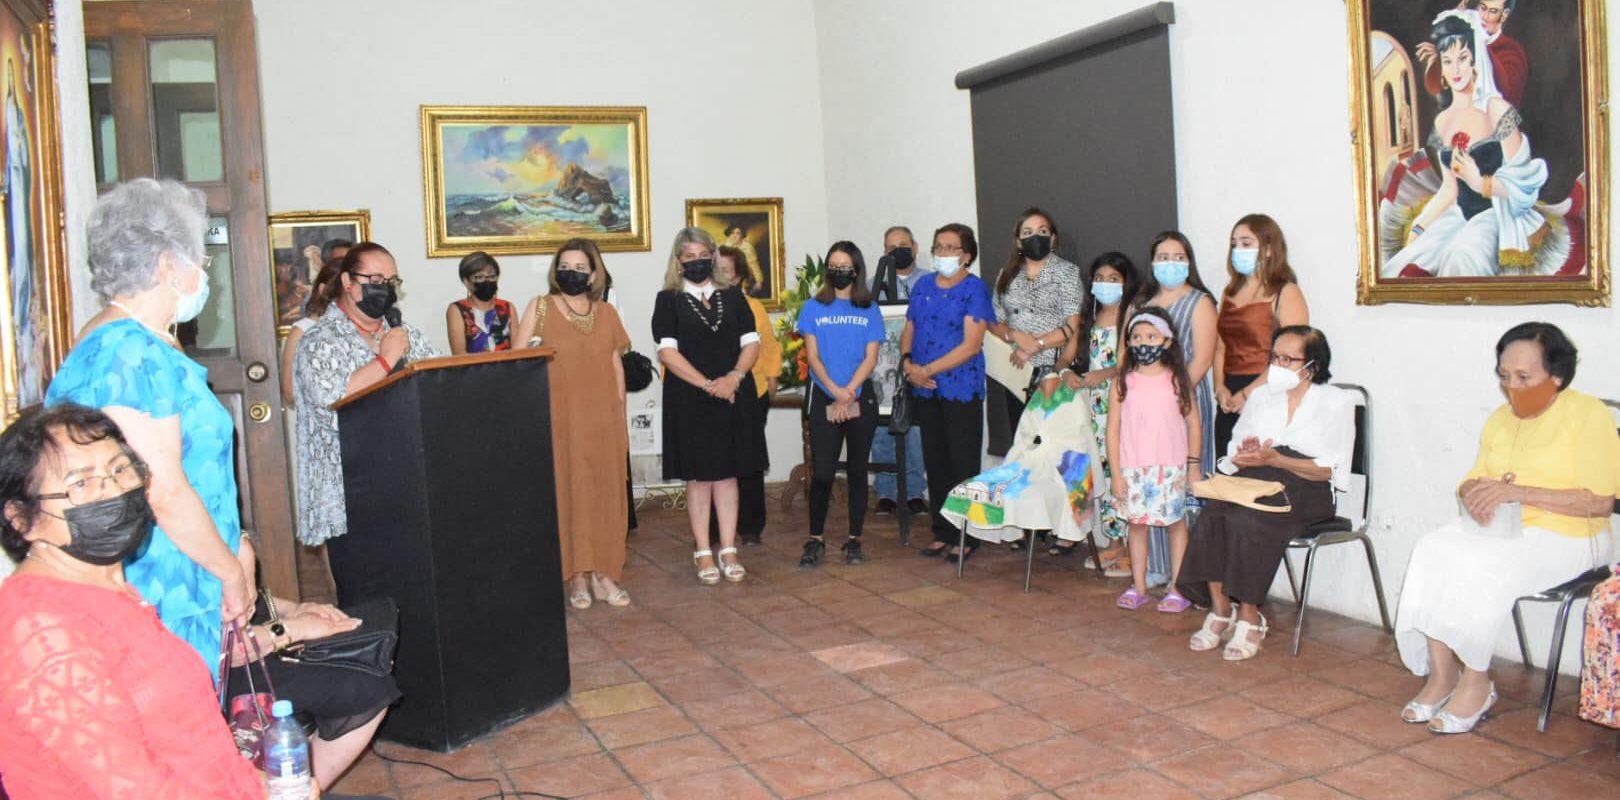 Con exposición de sus pinturas; San Buenaventura rinde homenaje al Arq. Óscar Falcón Sánchez